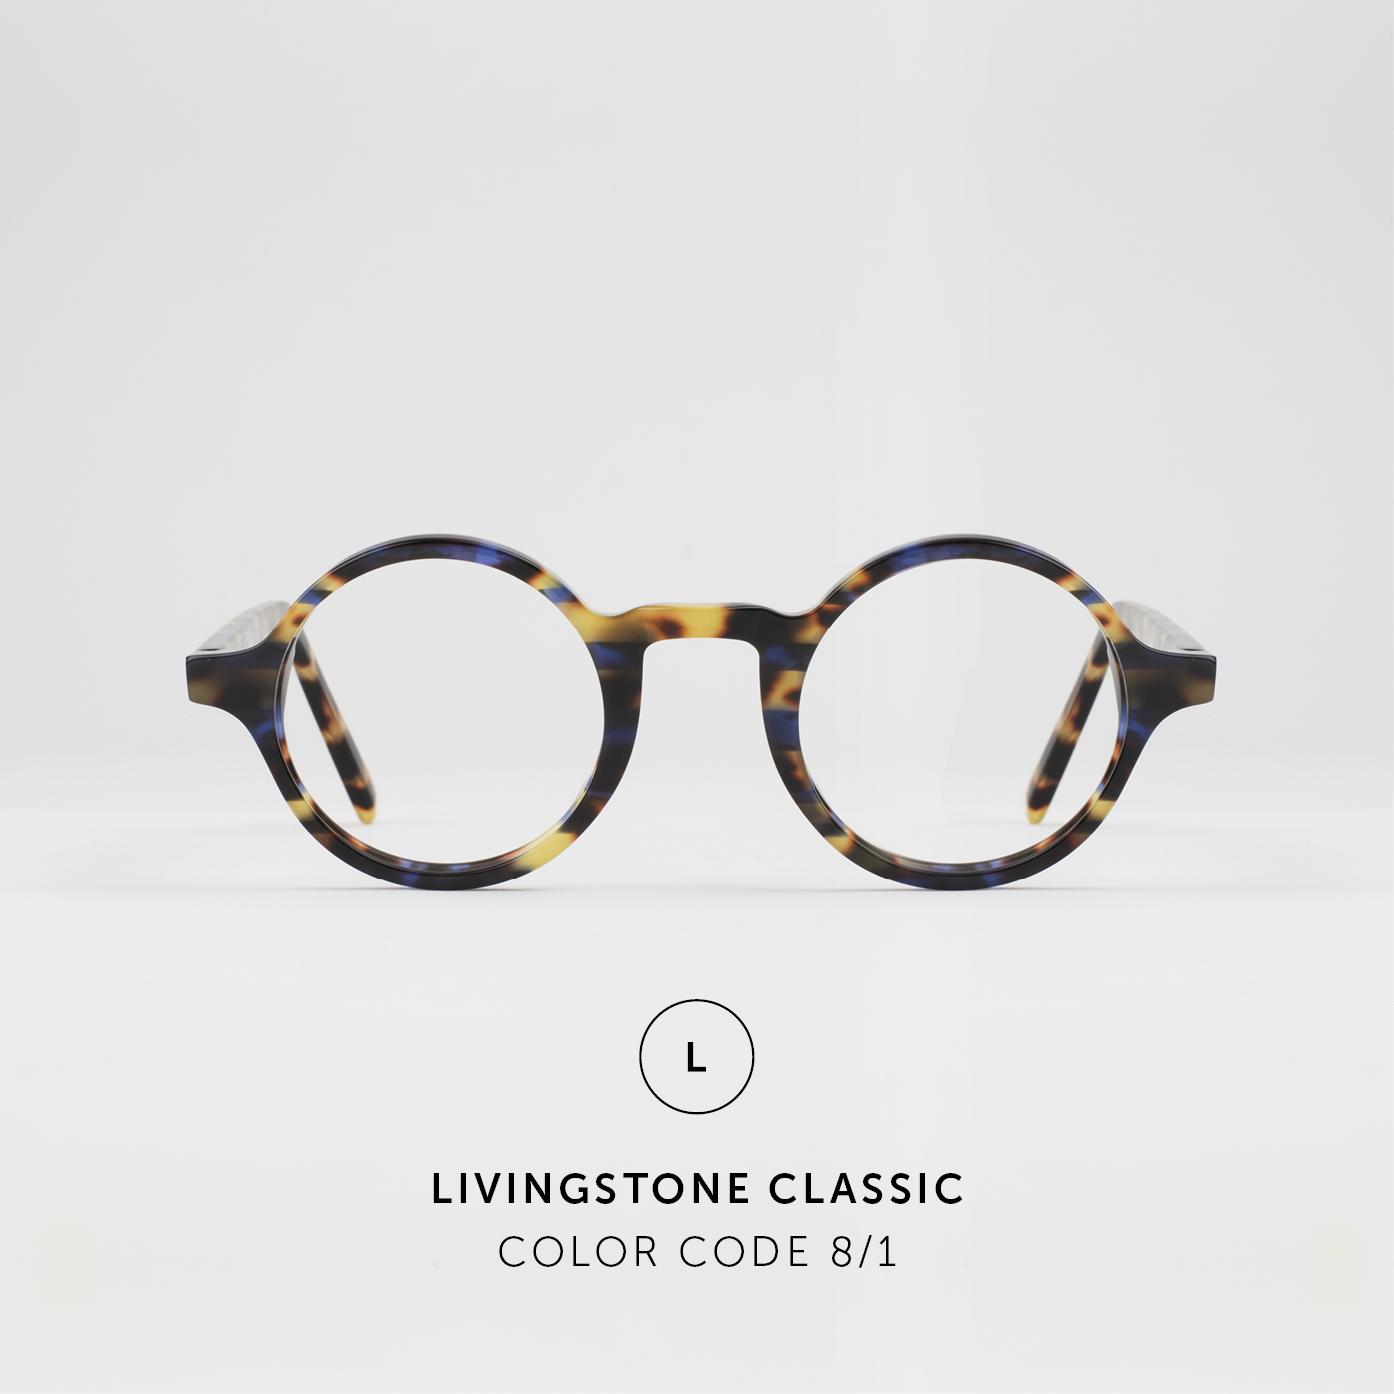 LivingstoneClassic41.jpg